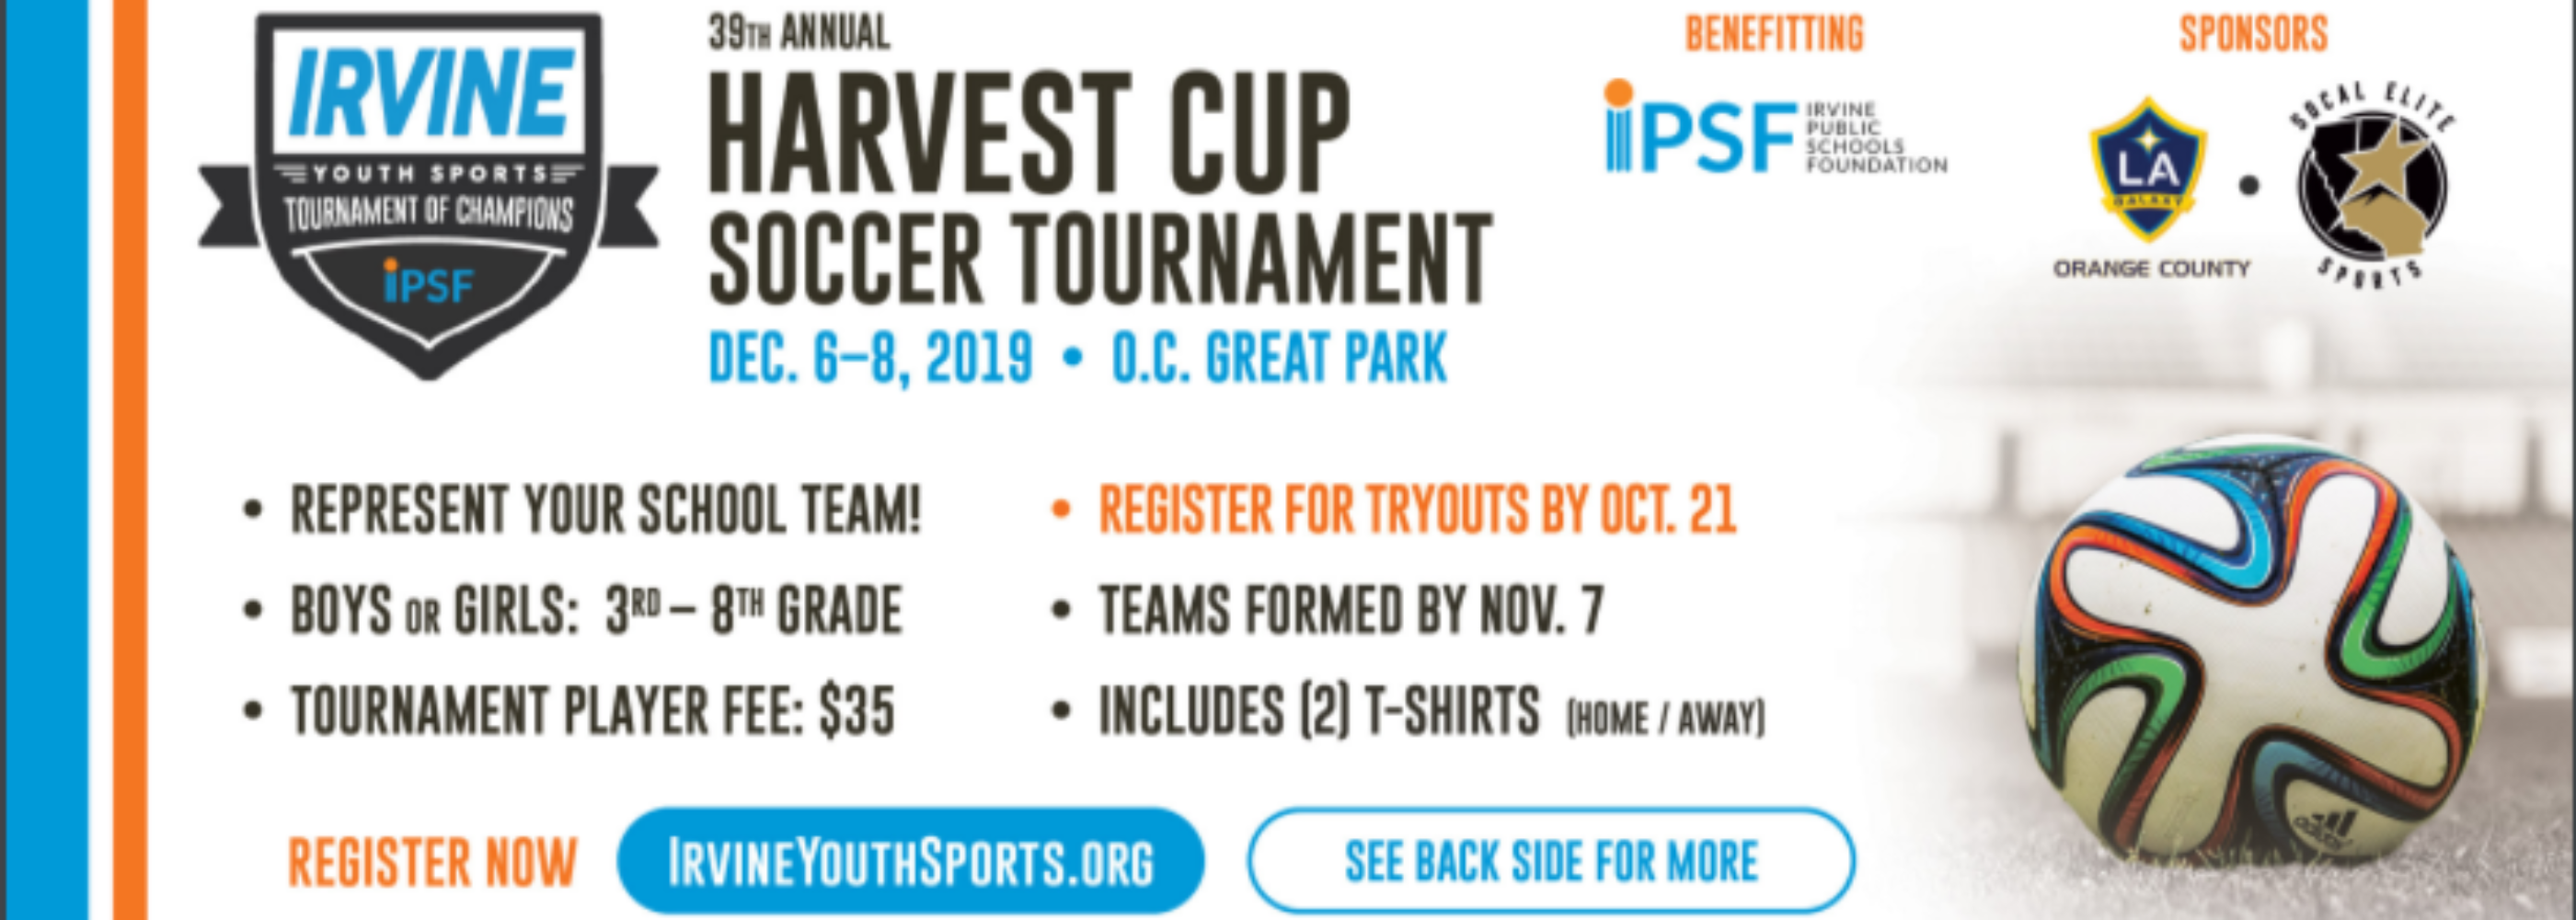 Harvest Cup Information